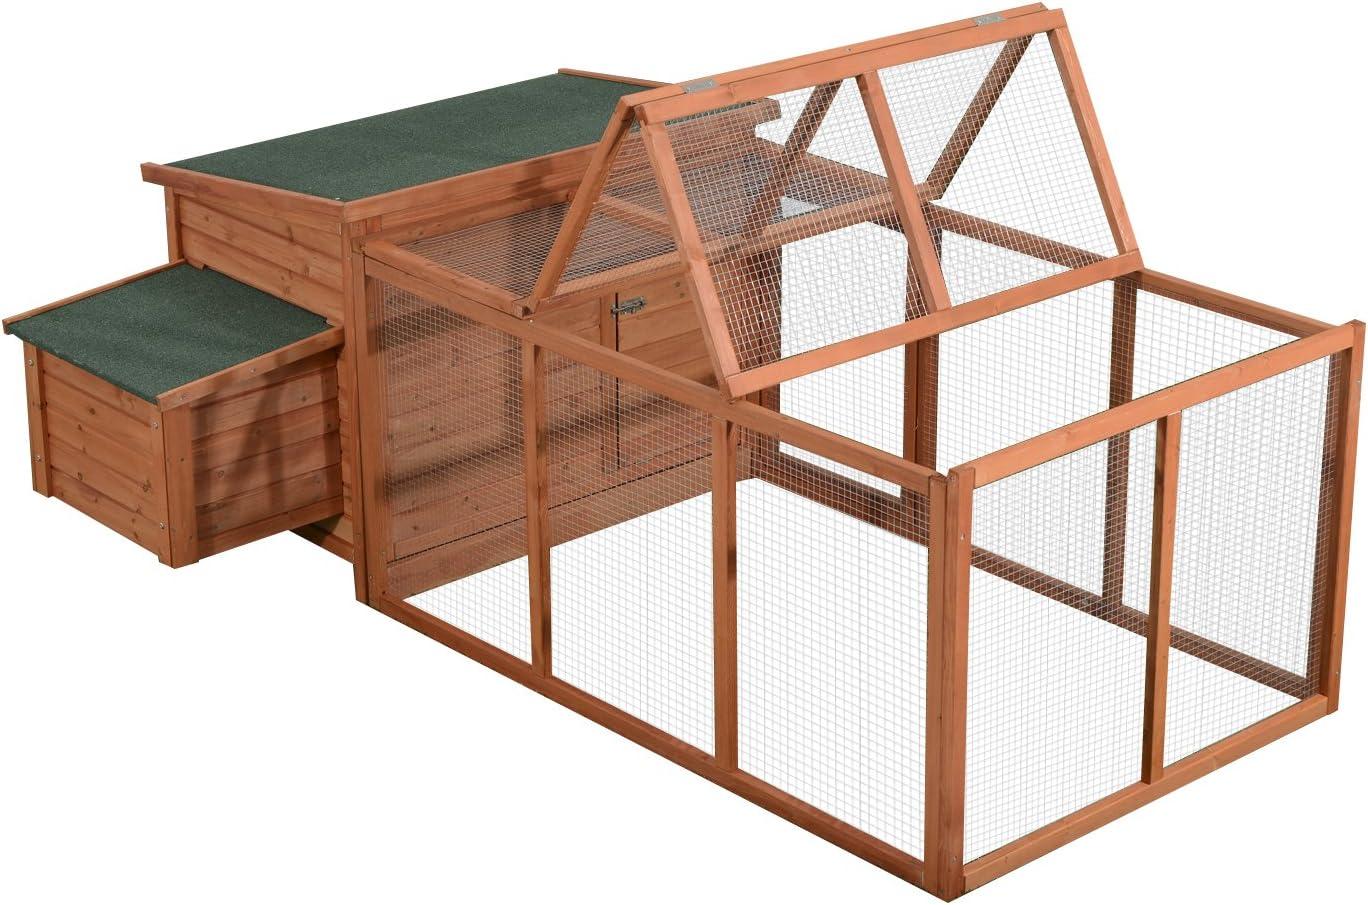 Gallinero jaula de gallinas pondoir perchoir cajón déjection gran Enclos techo solar 2,21l X 1,45l X 81H M madera de pino 01: Amazon.es: Productos para mascotas